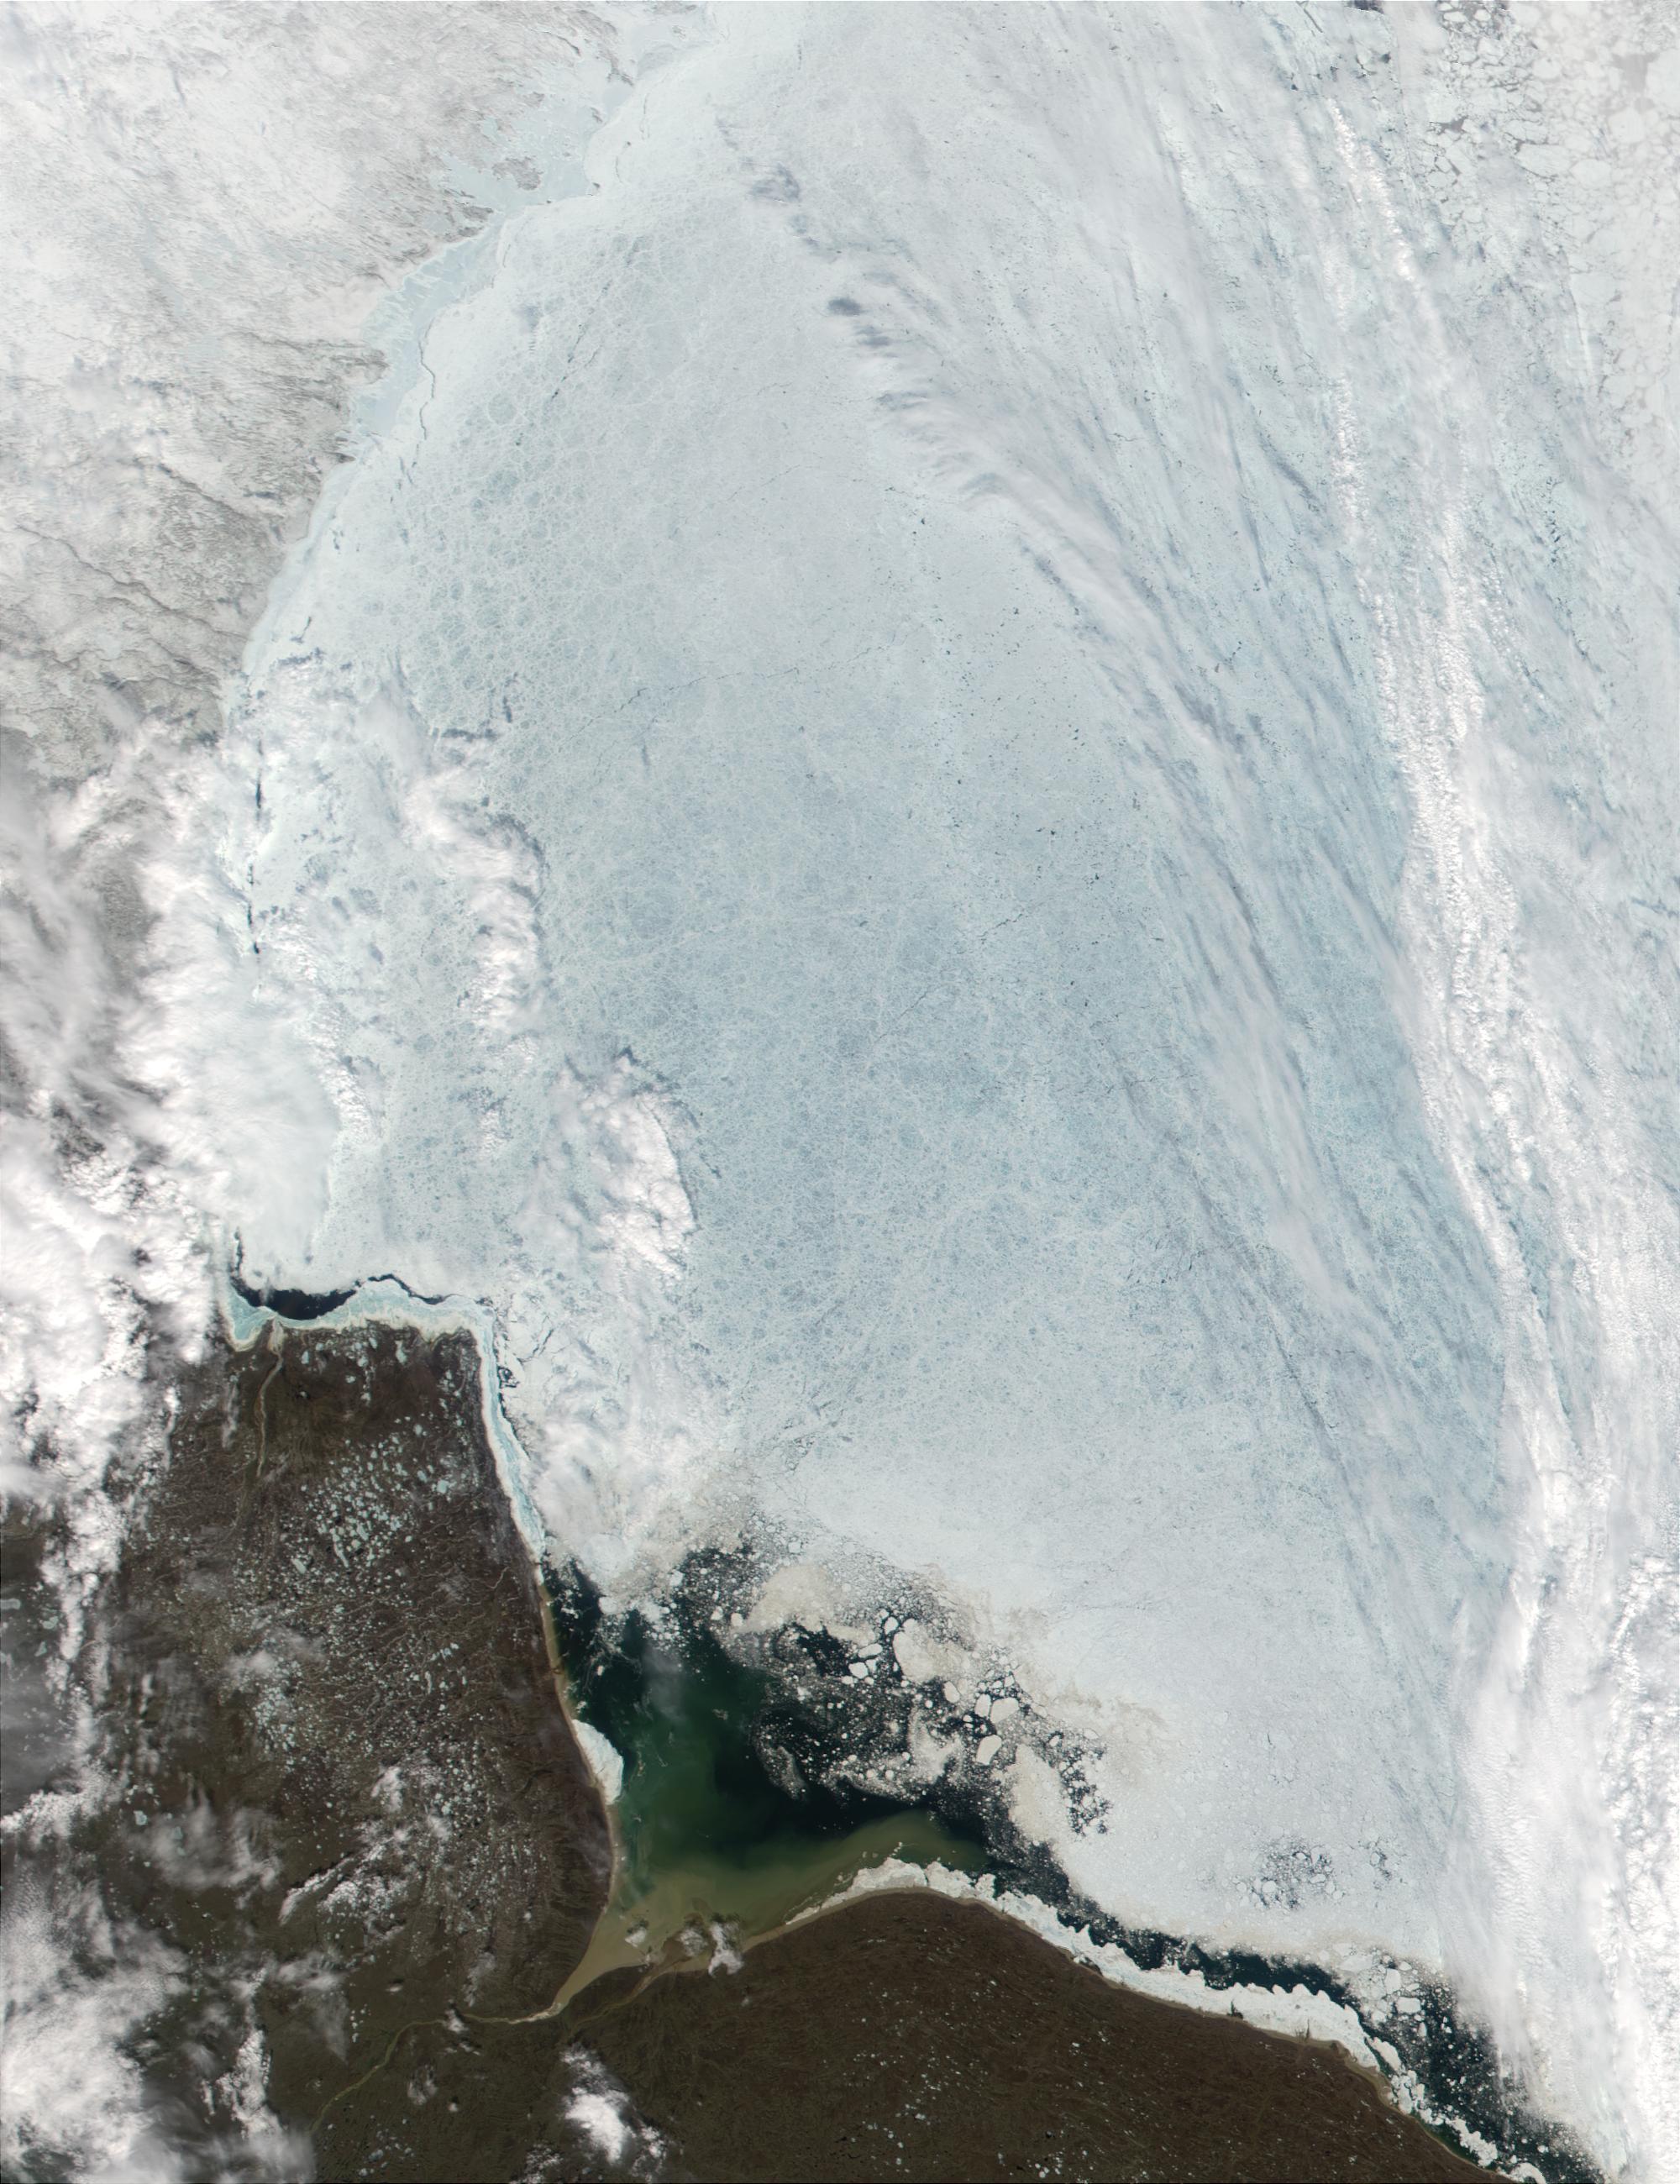 Southwest coast of Hudson Bay, Canada